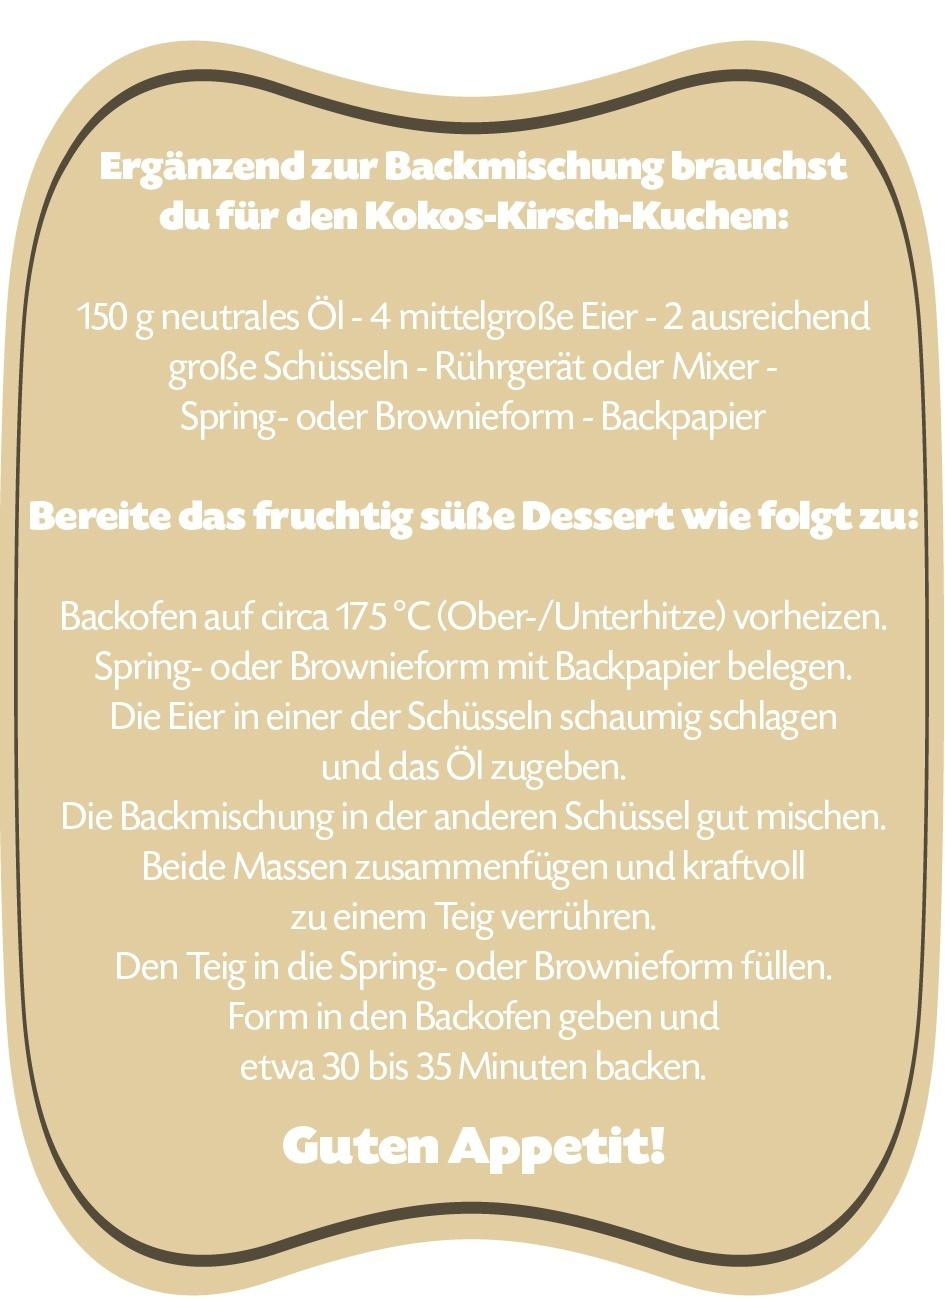 Atemberaubend Küche Etikette Bilder - Ideen Für Die Küche Dekoration ...